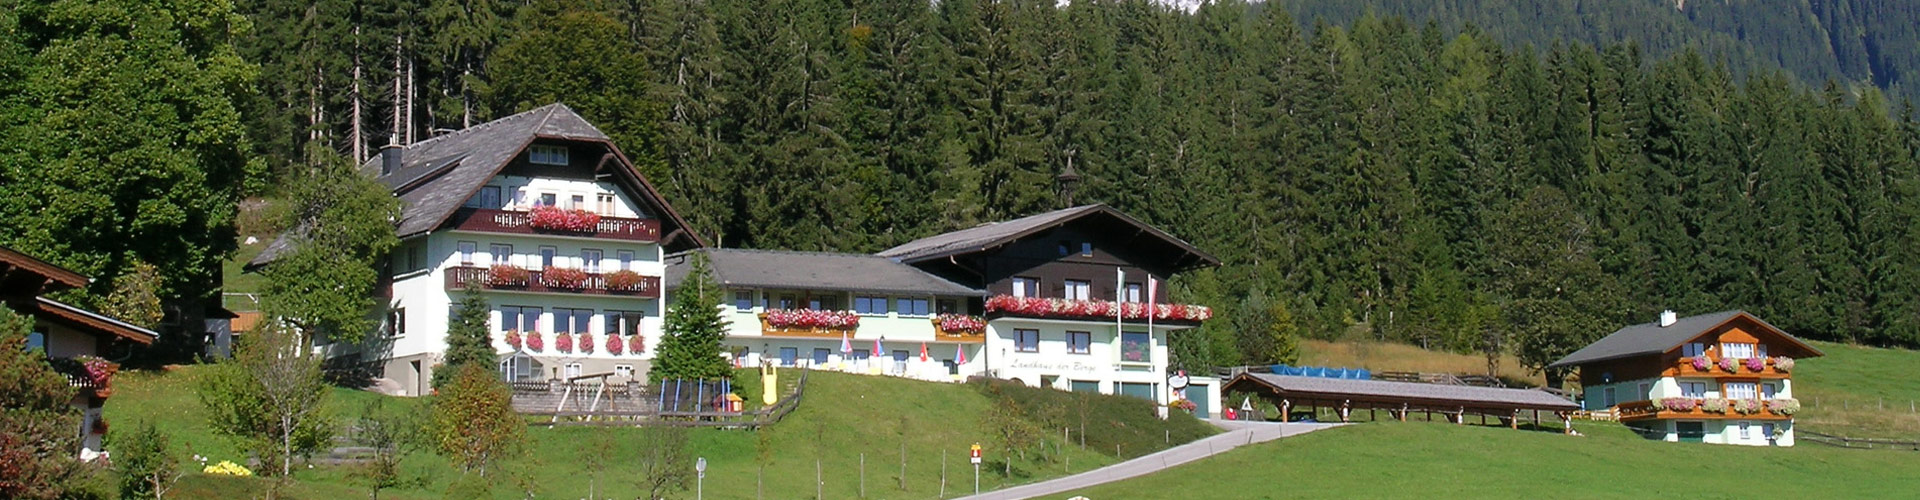 Hotel Tischlbergerhof in Ramsau am Dachstein